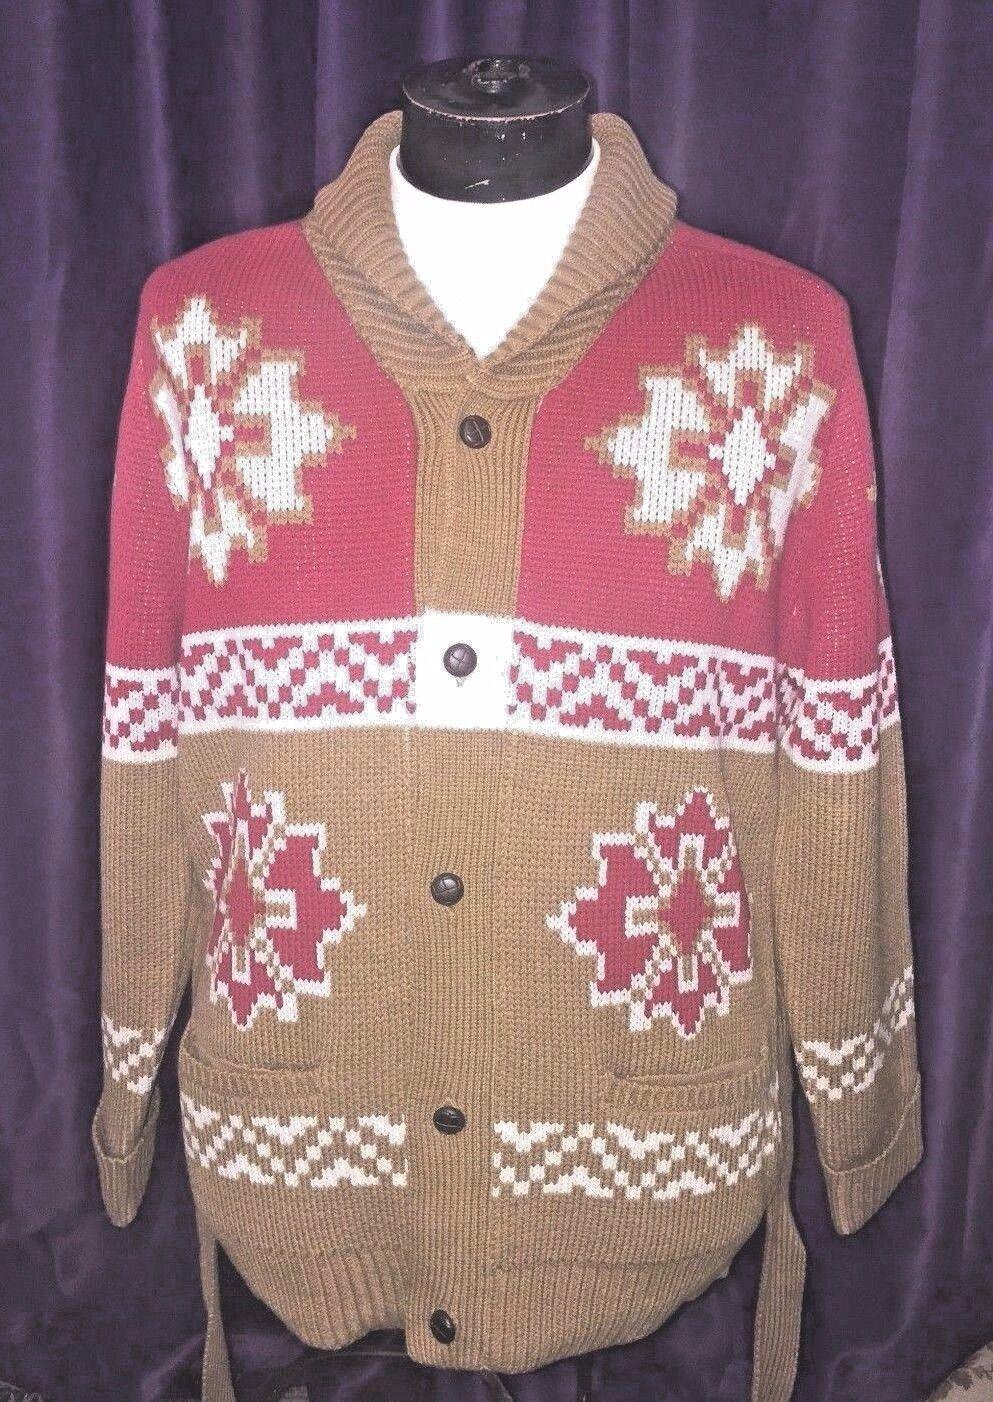 Evisu knit wear cardigan XL